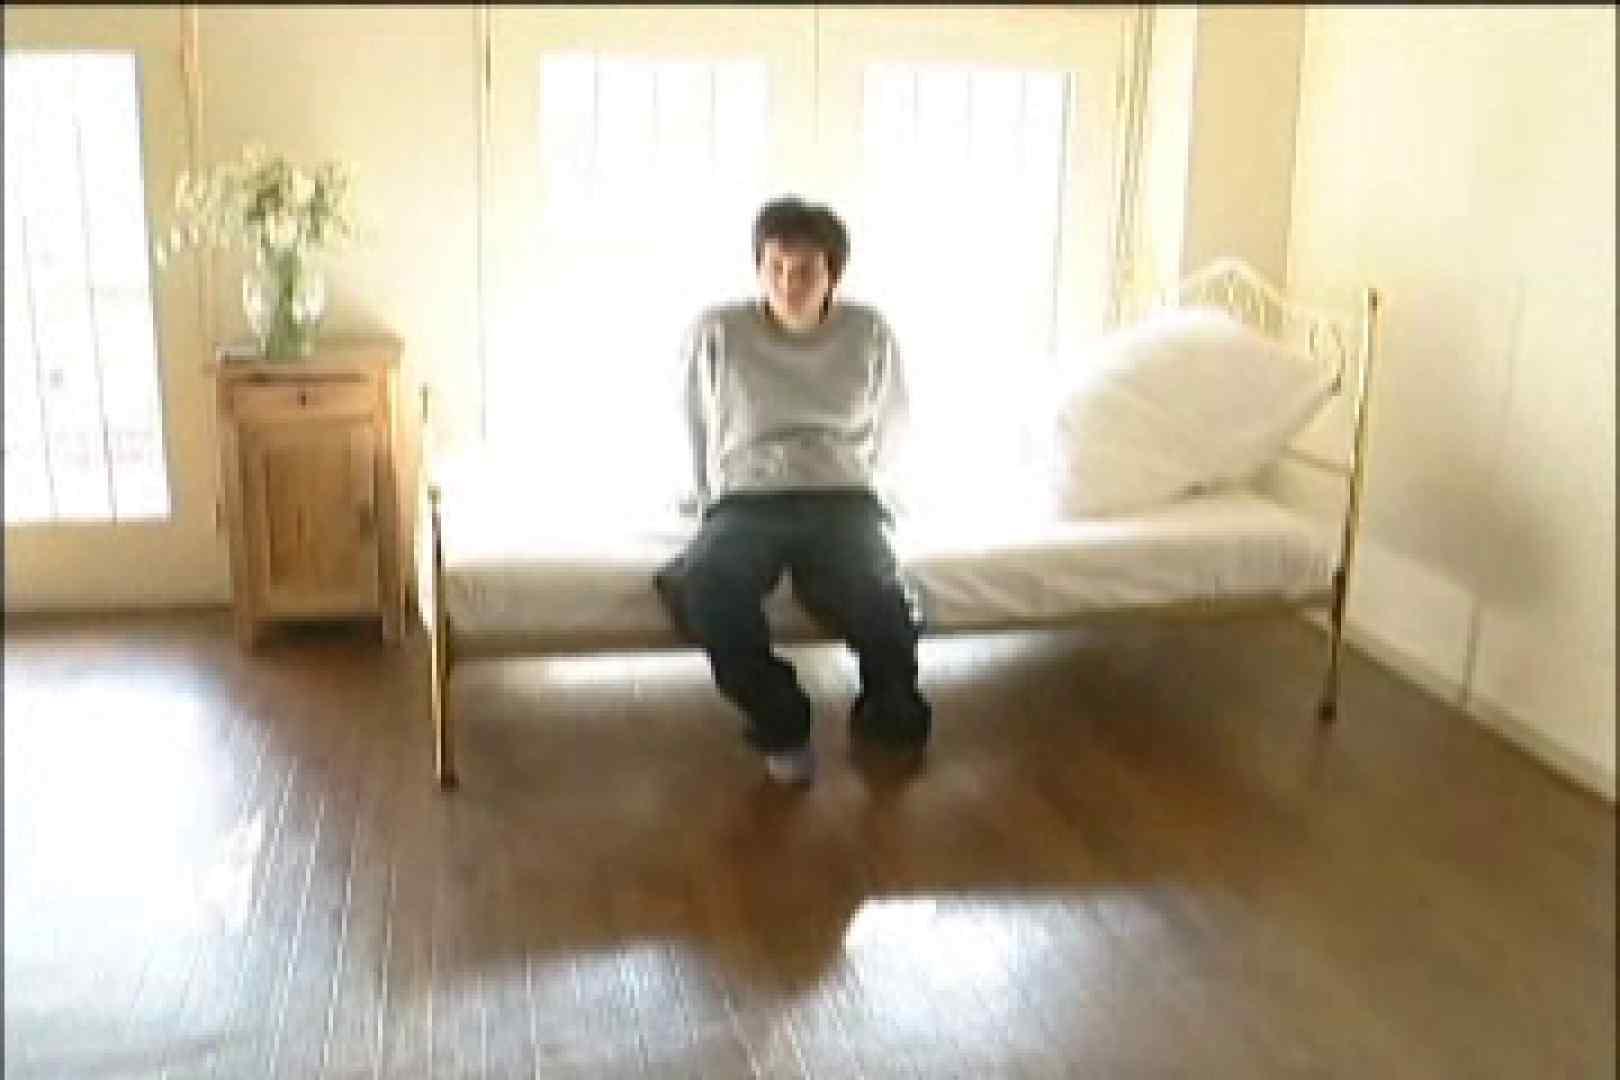 イケメン☆パラダイス〜男ざかりの君たちへ〜vol.26 アナル ゲイザーメン画像 92枚 29